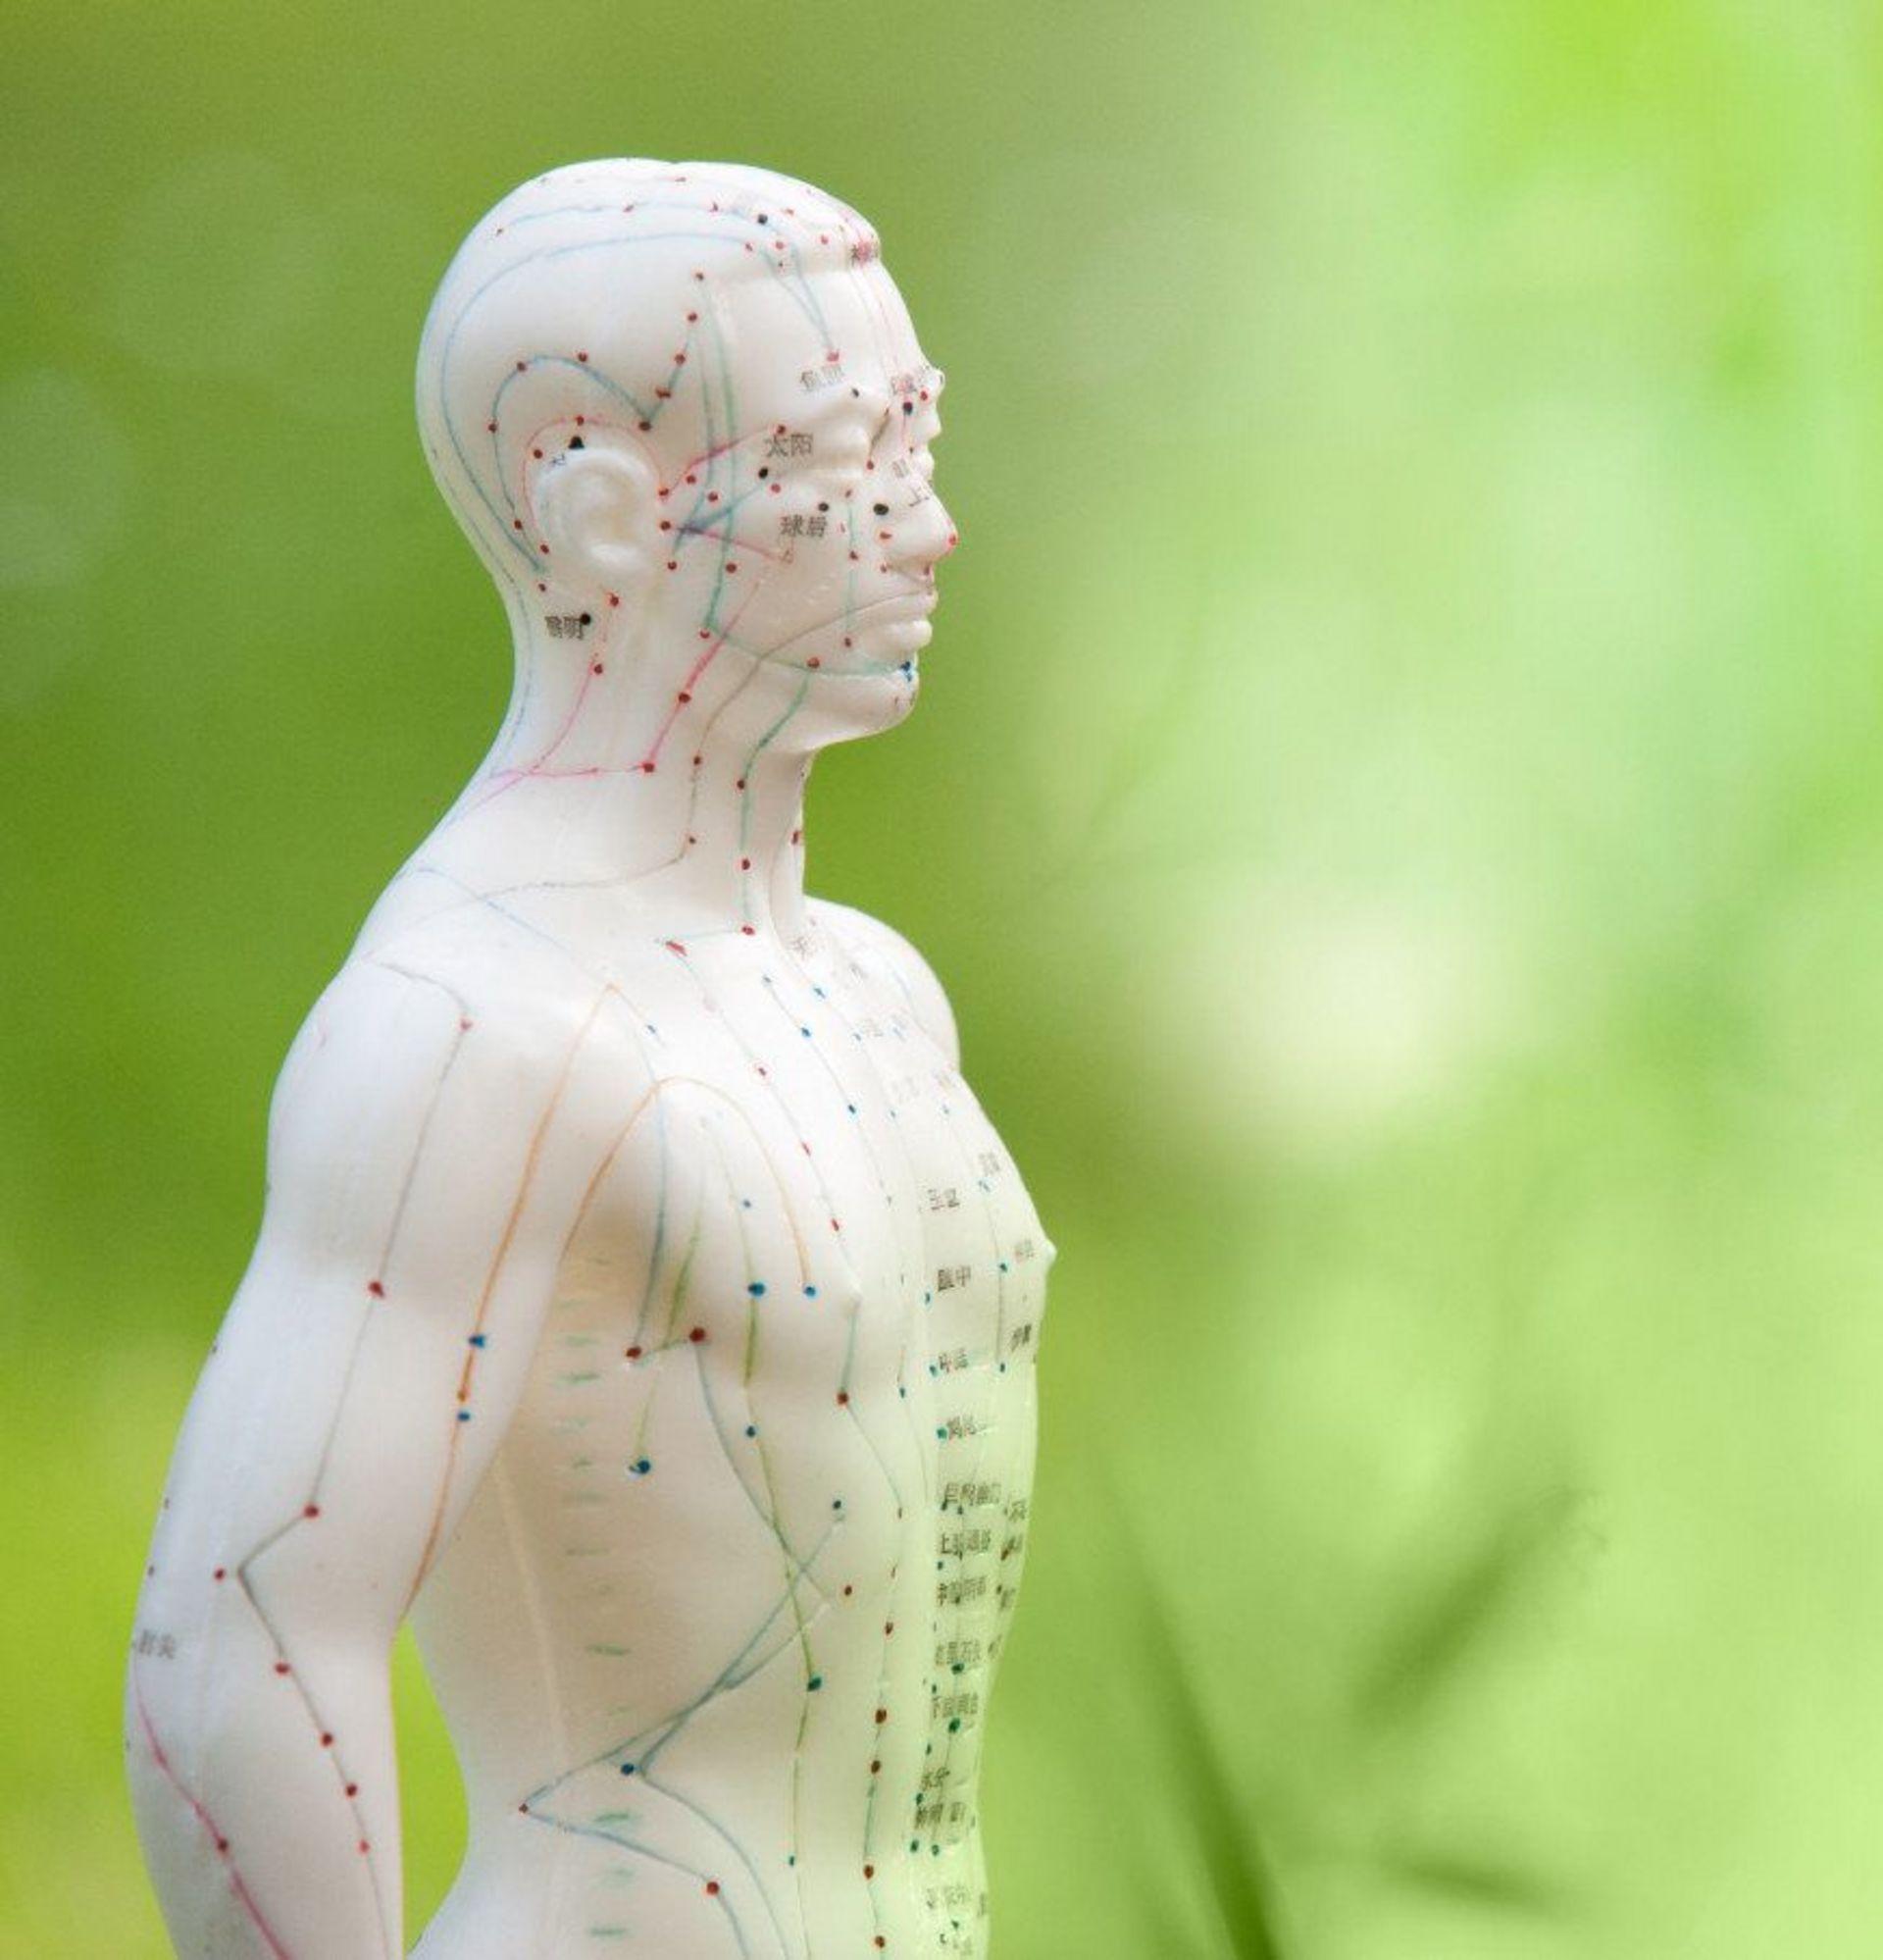 Männliche Figur mit aufgezeichneten Akupunkturpunkten